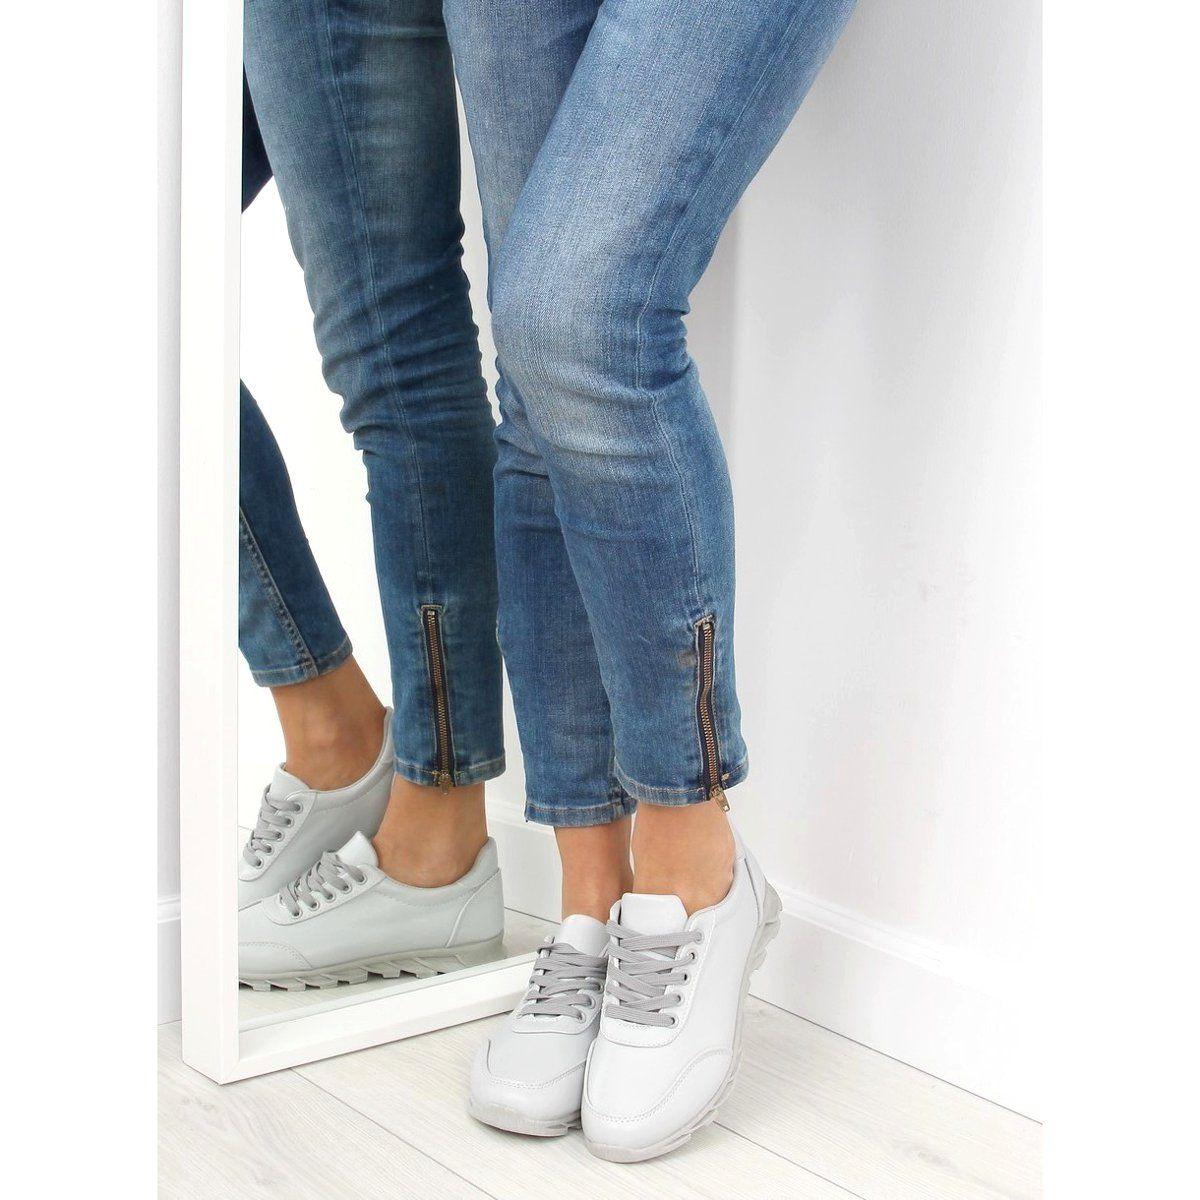 Buty Sportowe Damskie Szare Nb205p Grey White Sneakers Women Womens Sneakers Sneakers White